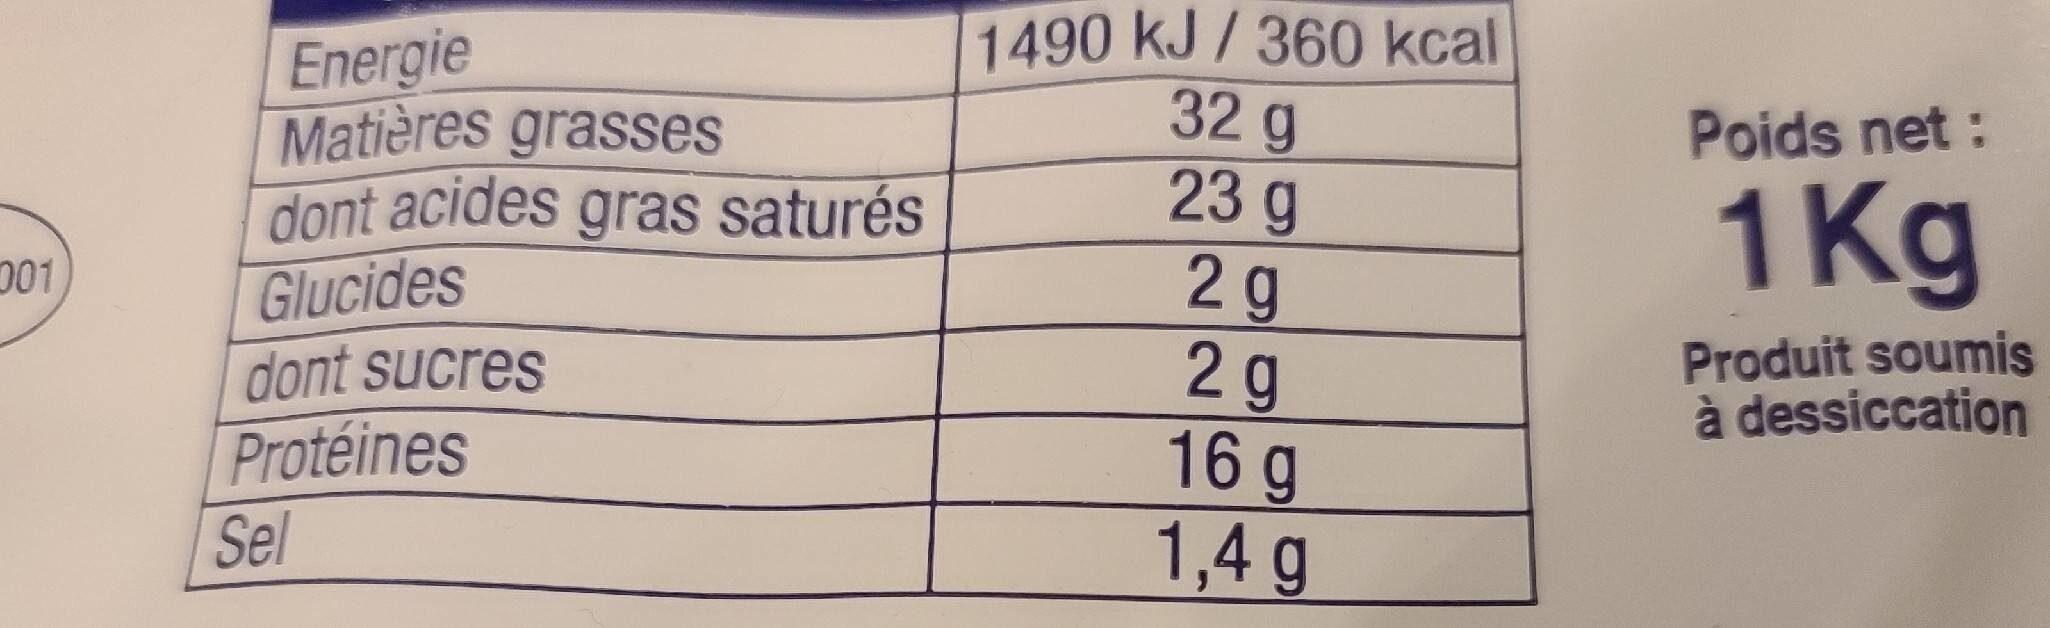 Petit brie - Nutrition facts - fr